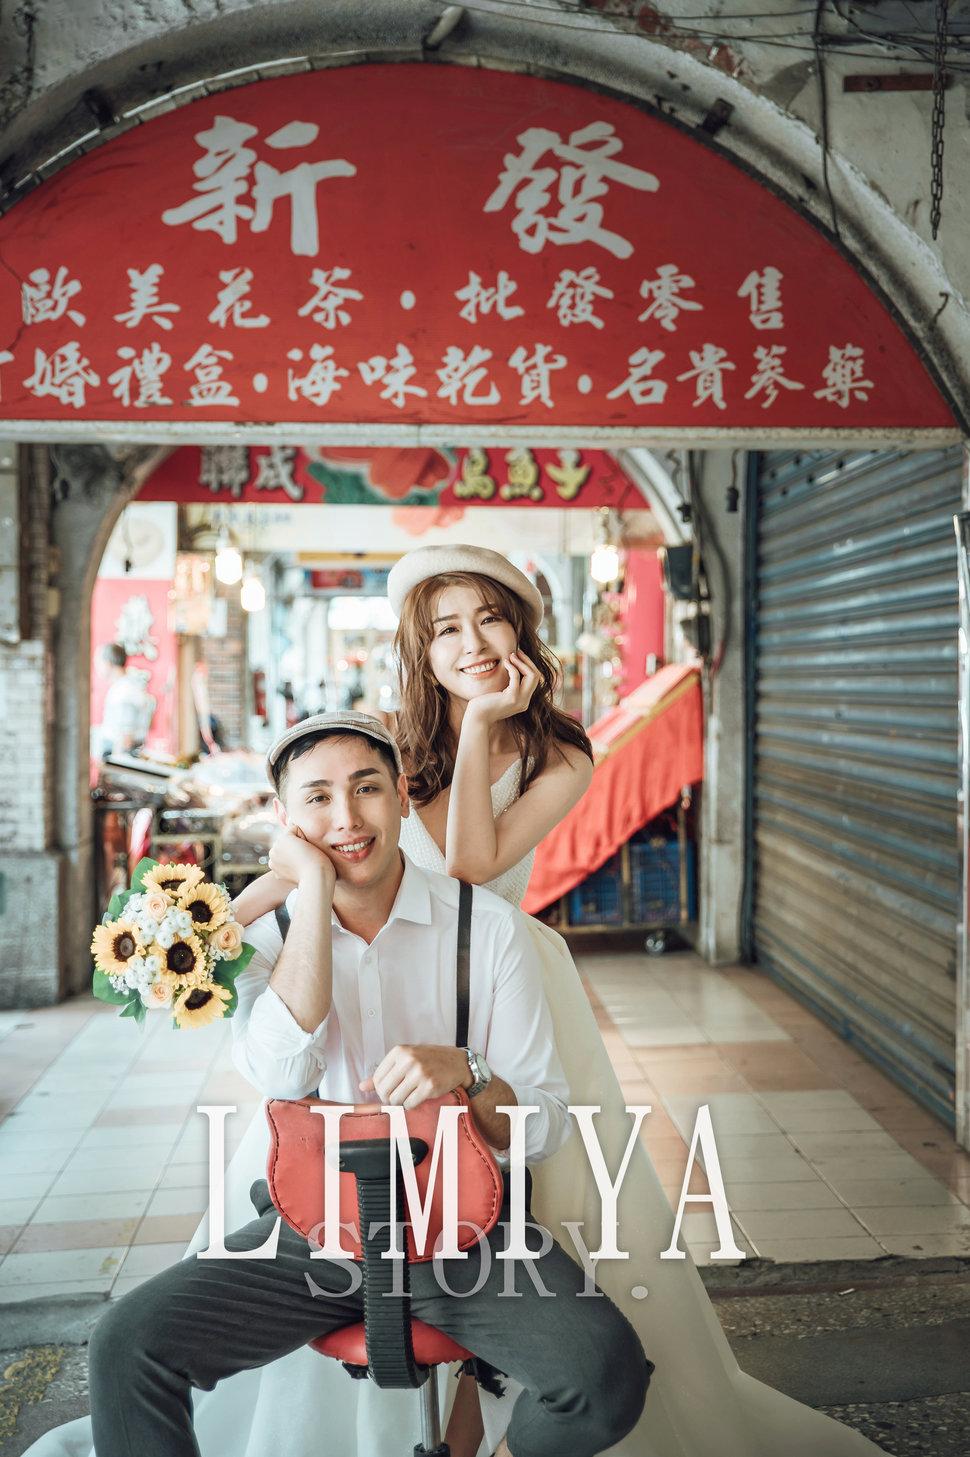 AFU-4672 - 莉米雅手工婚紗攝影工作室《結婚吧》